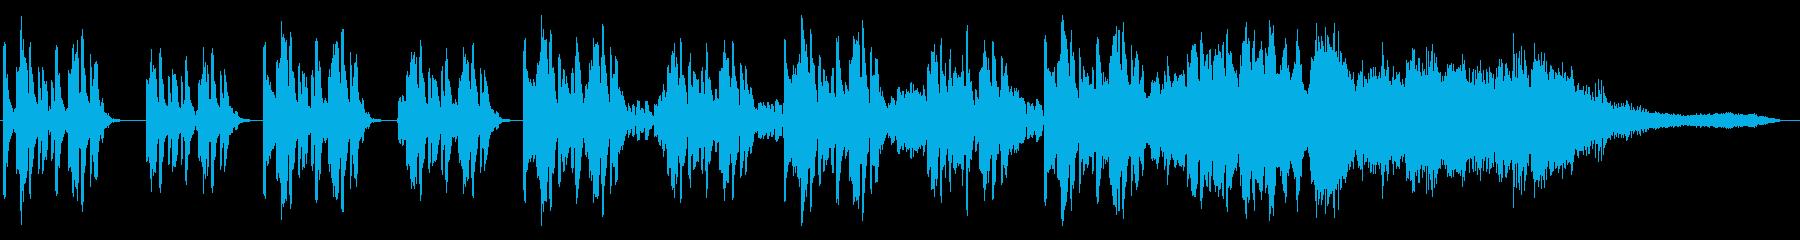 奇妙で恐ろしい闇のピエロ オーボエの再生済みの波形